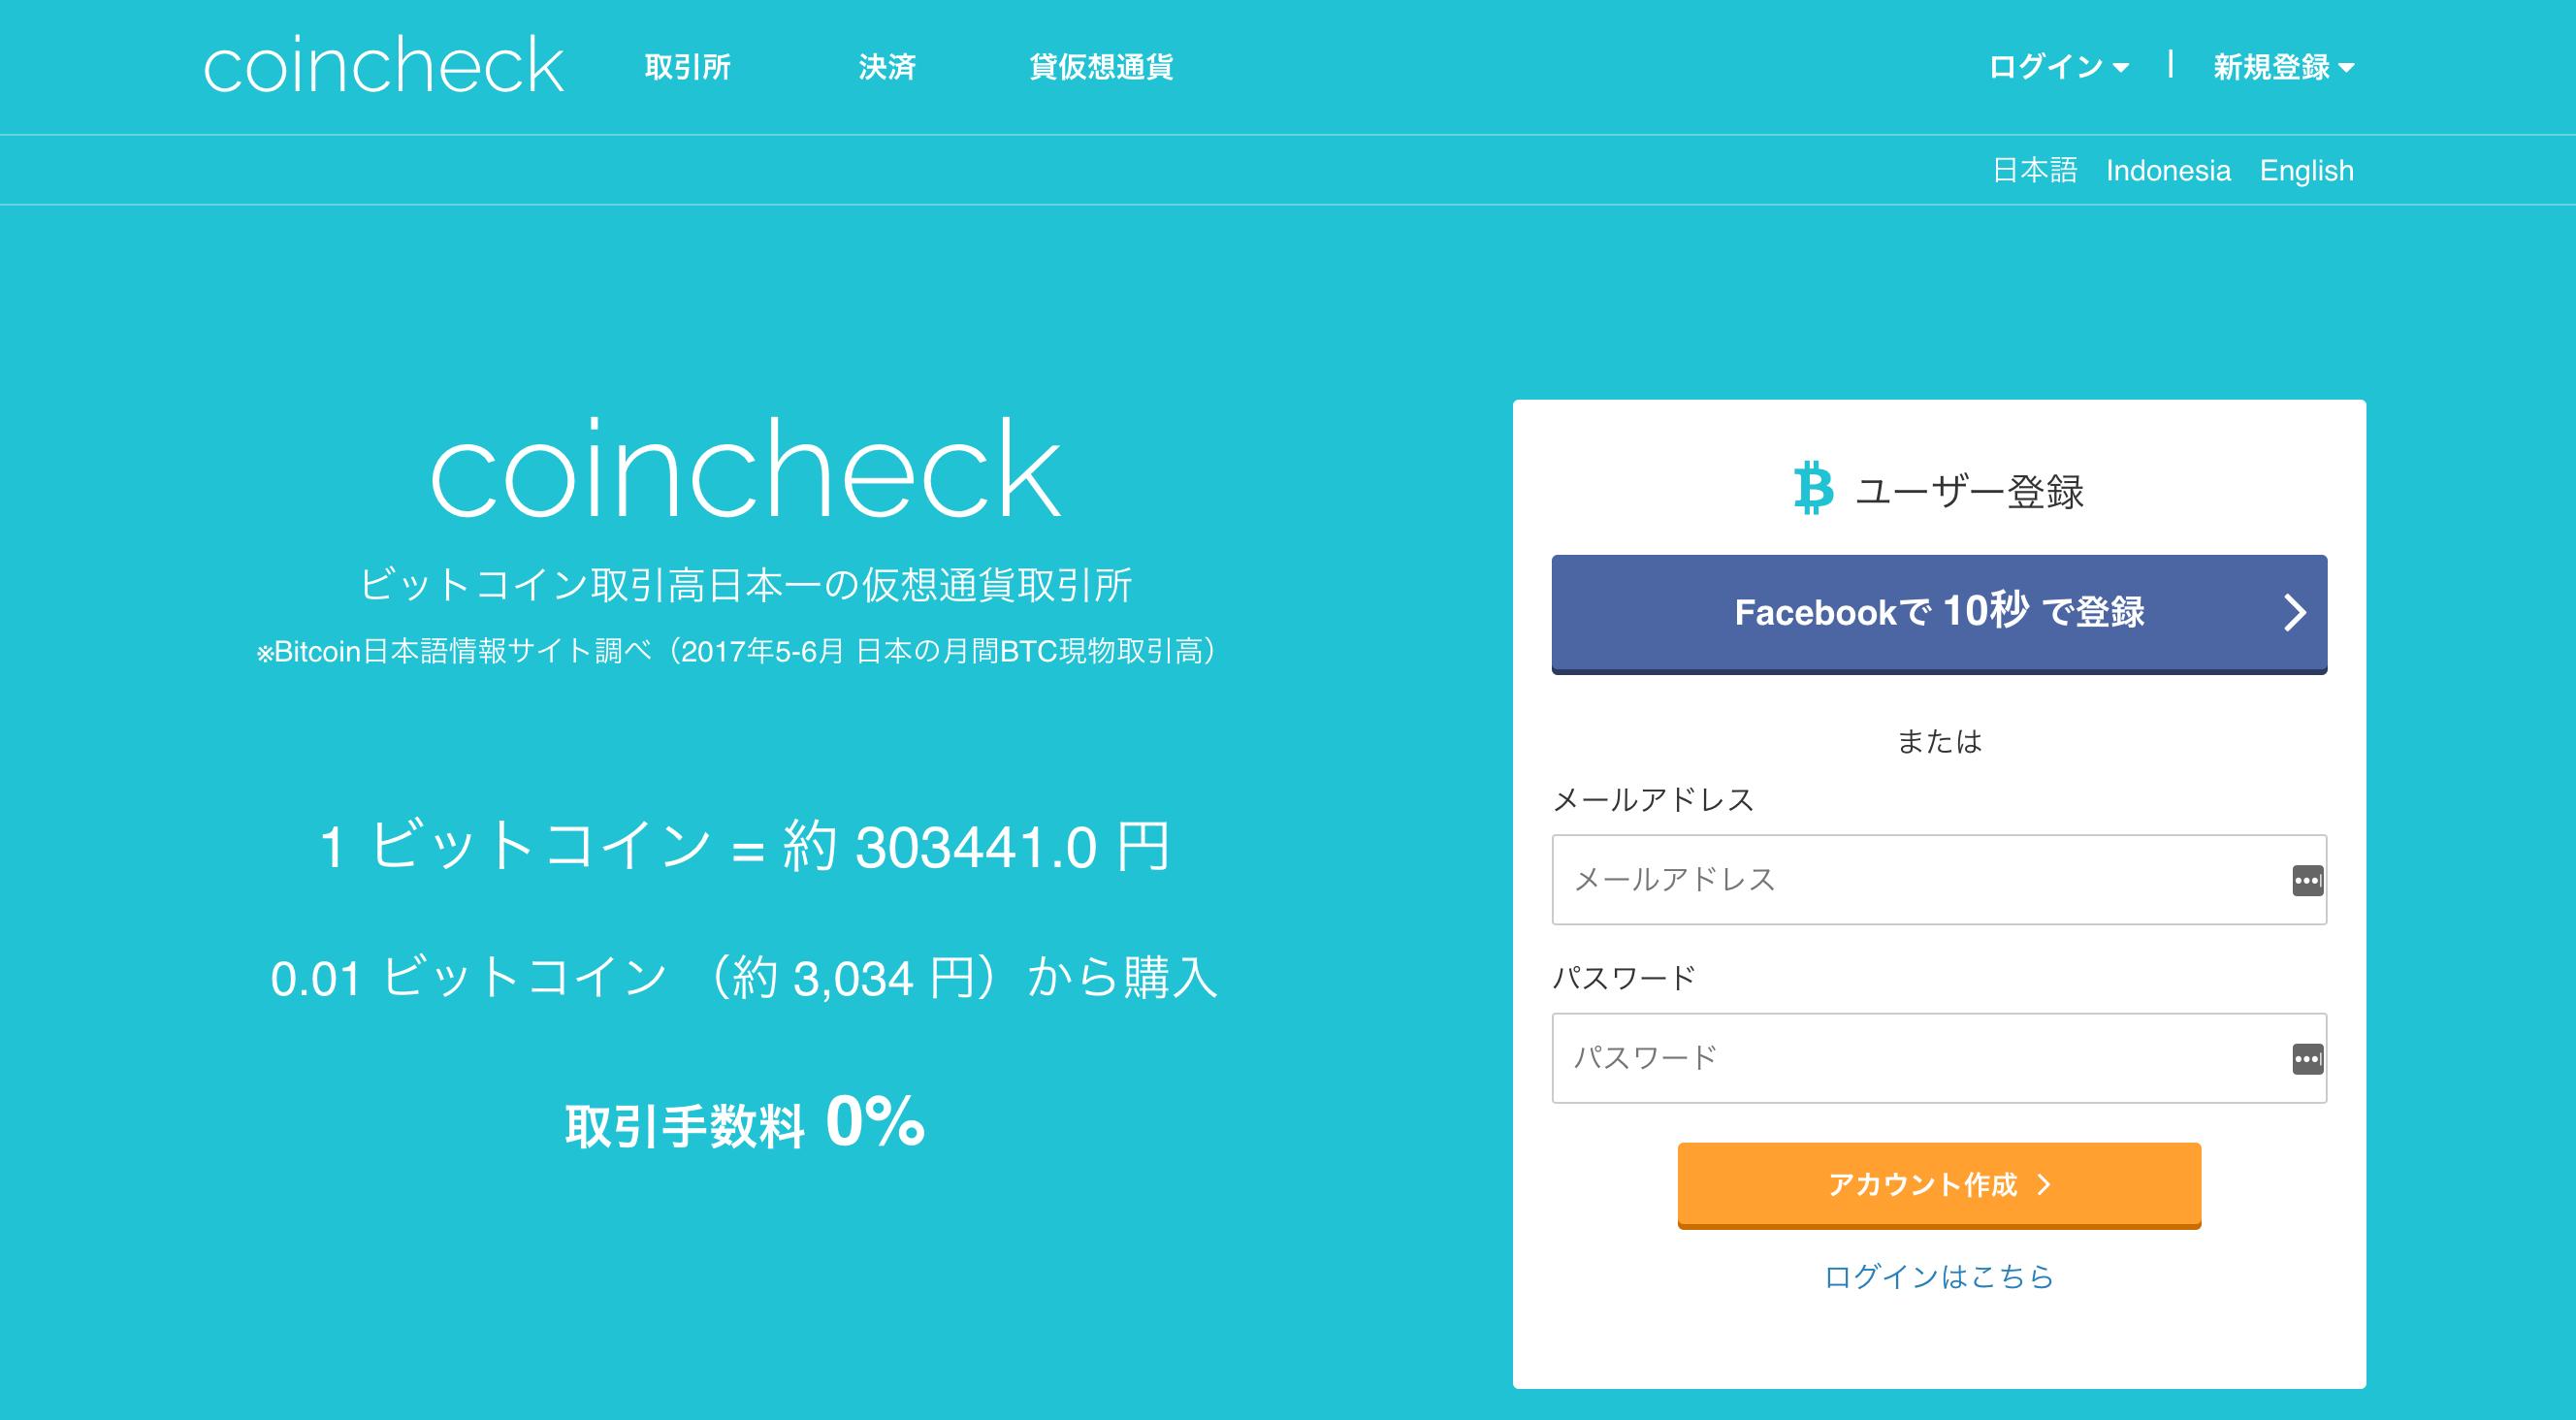 コインチェック(coincheck)概要・登録方法をわかりやすく解説